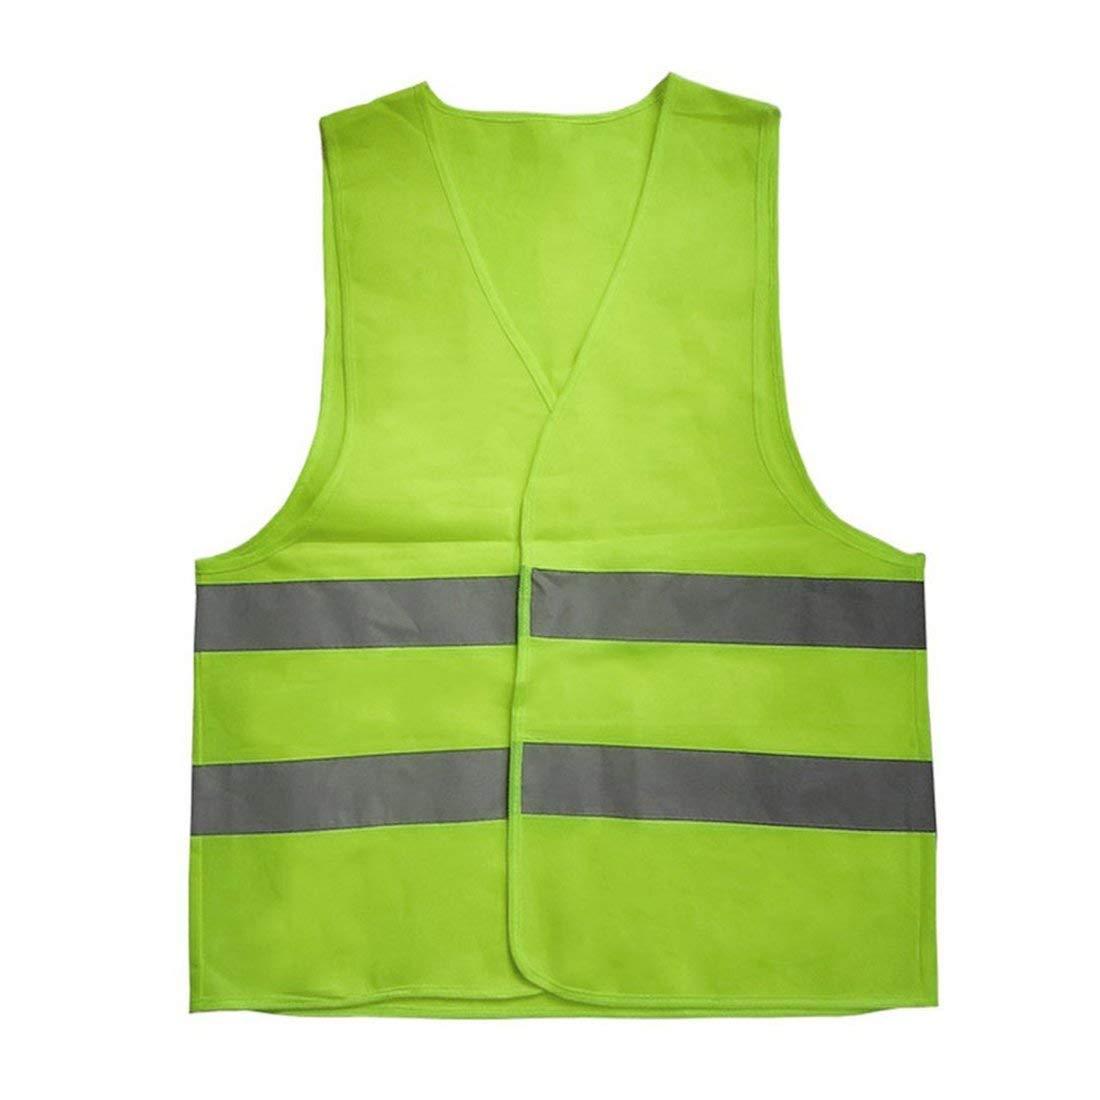 Formulaone vestibilità Riflettente Vestiario da Lavoro Alta visibilità Giorno Notturno Giubbotto Protettivo per Corsa in Bicicletta Sicurezza Stradale